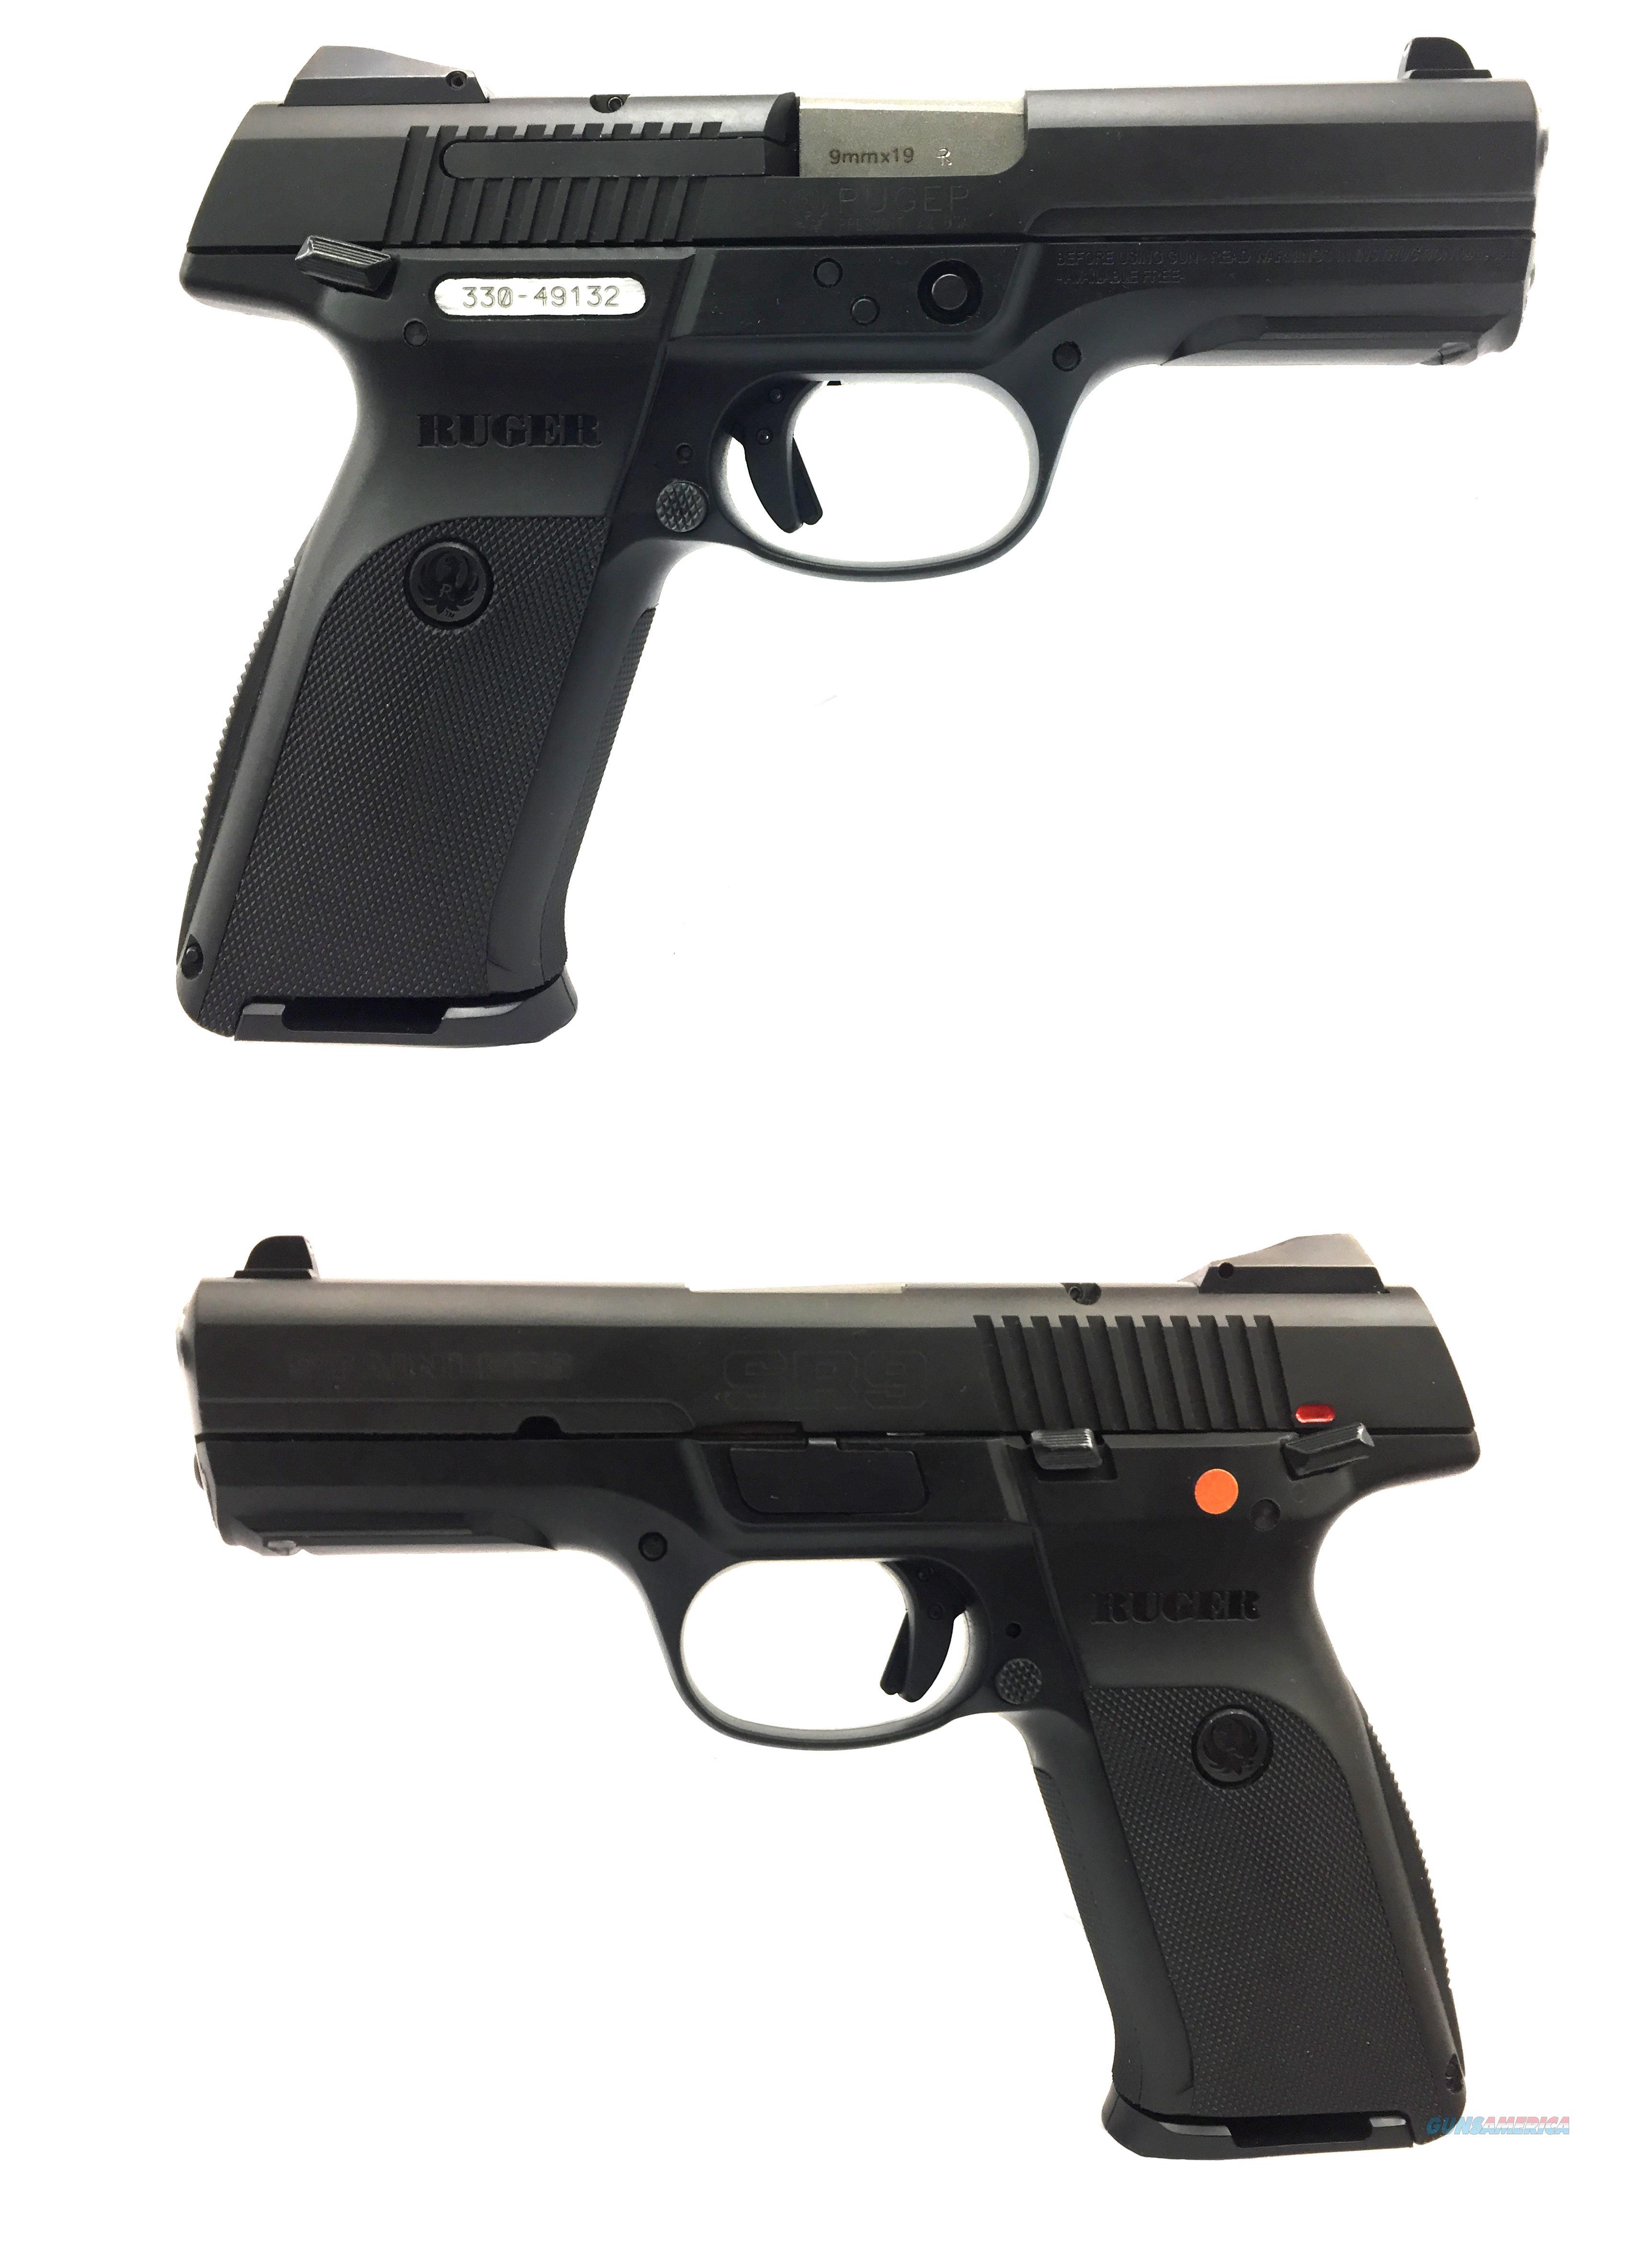 Ruger SR9 Blackened Stainless Steel 9mm Pistol  Guns > Pistols > Ruger Semi-Auto Pistols > SR Family > SR9